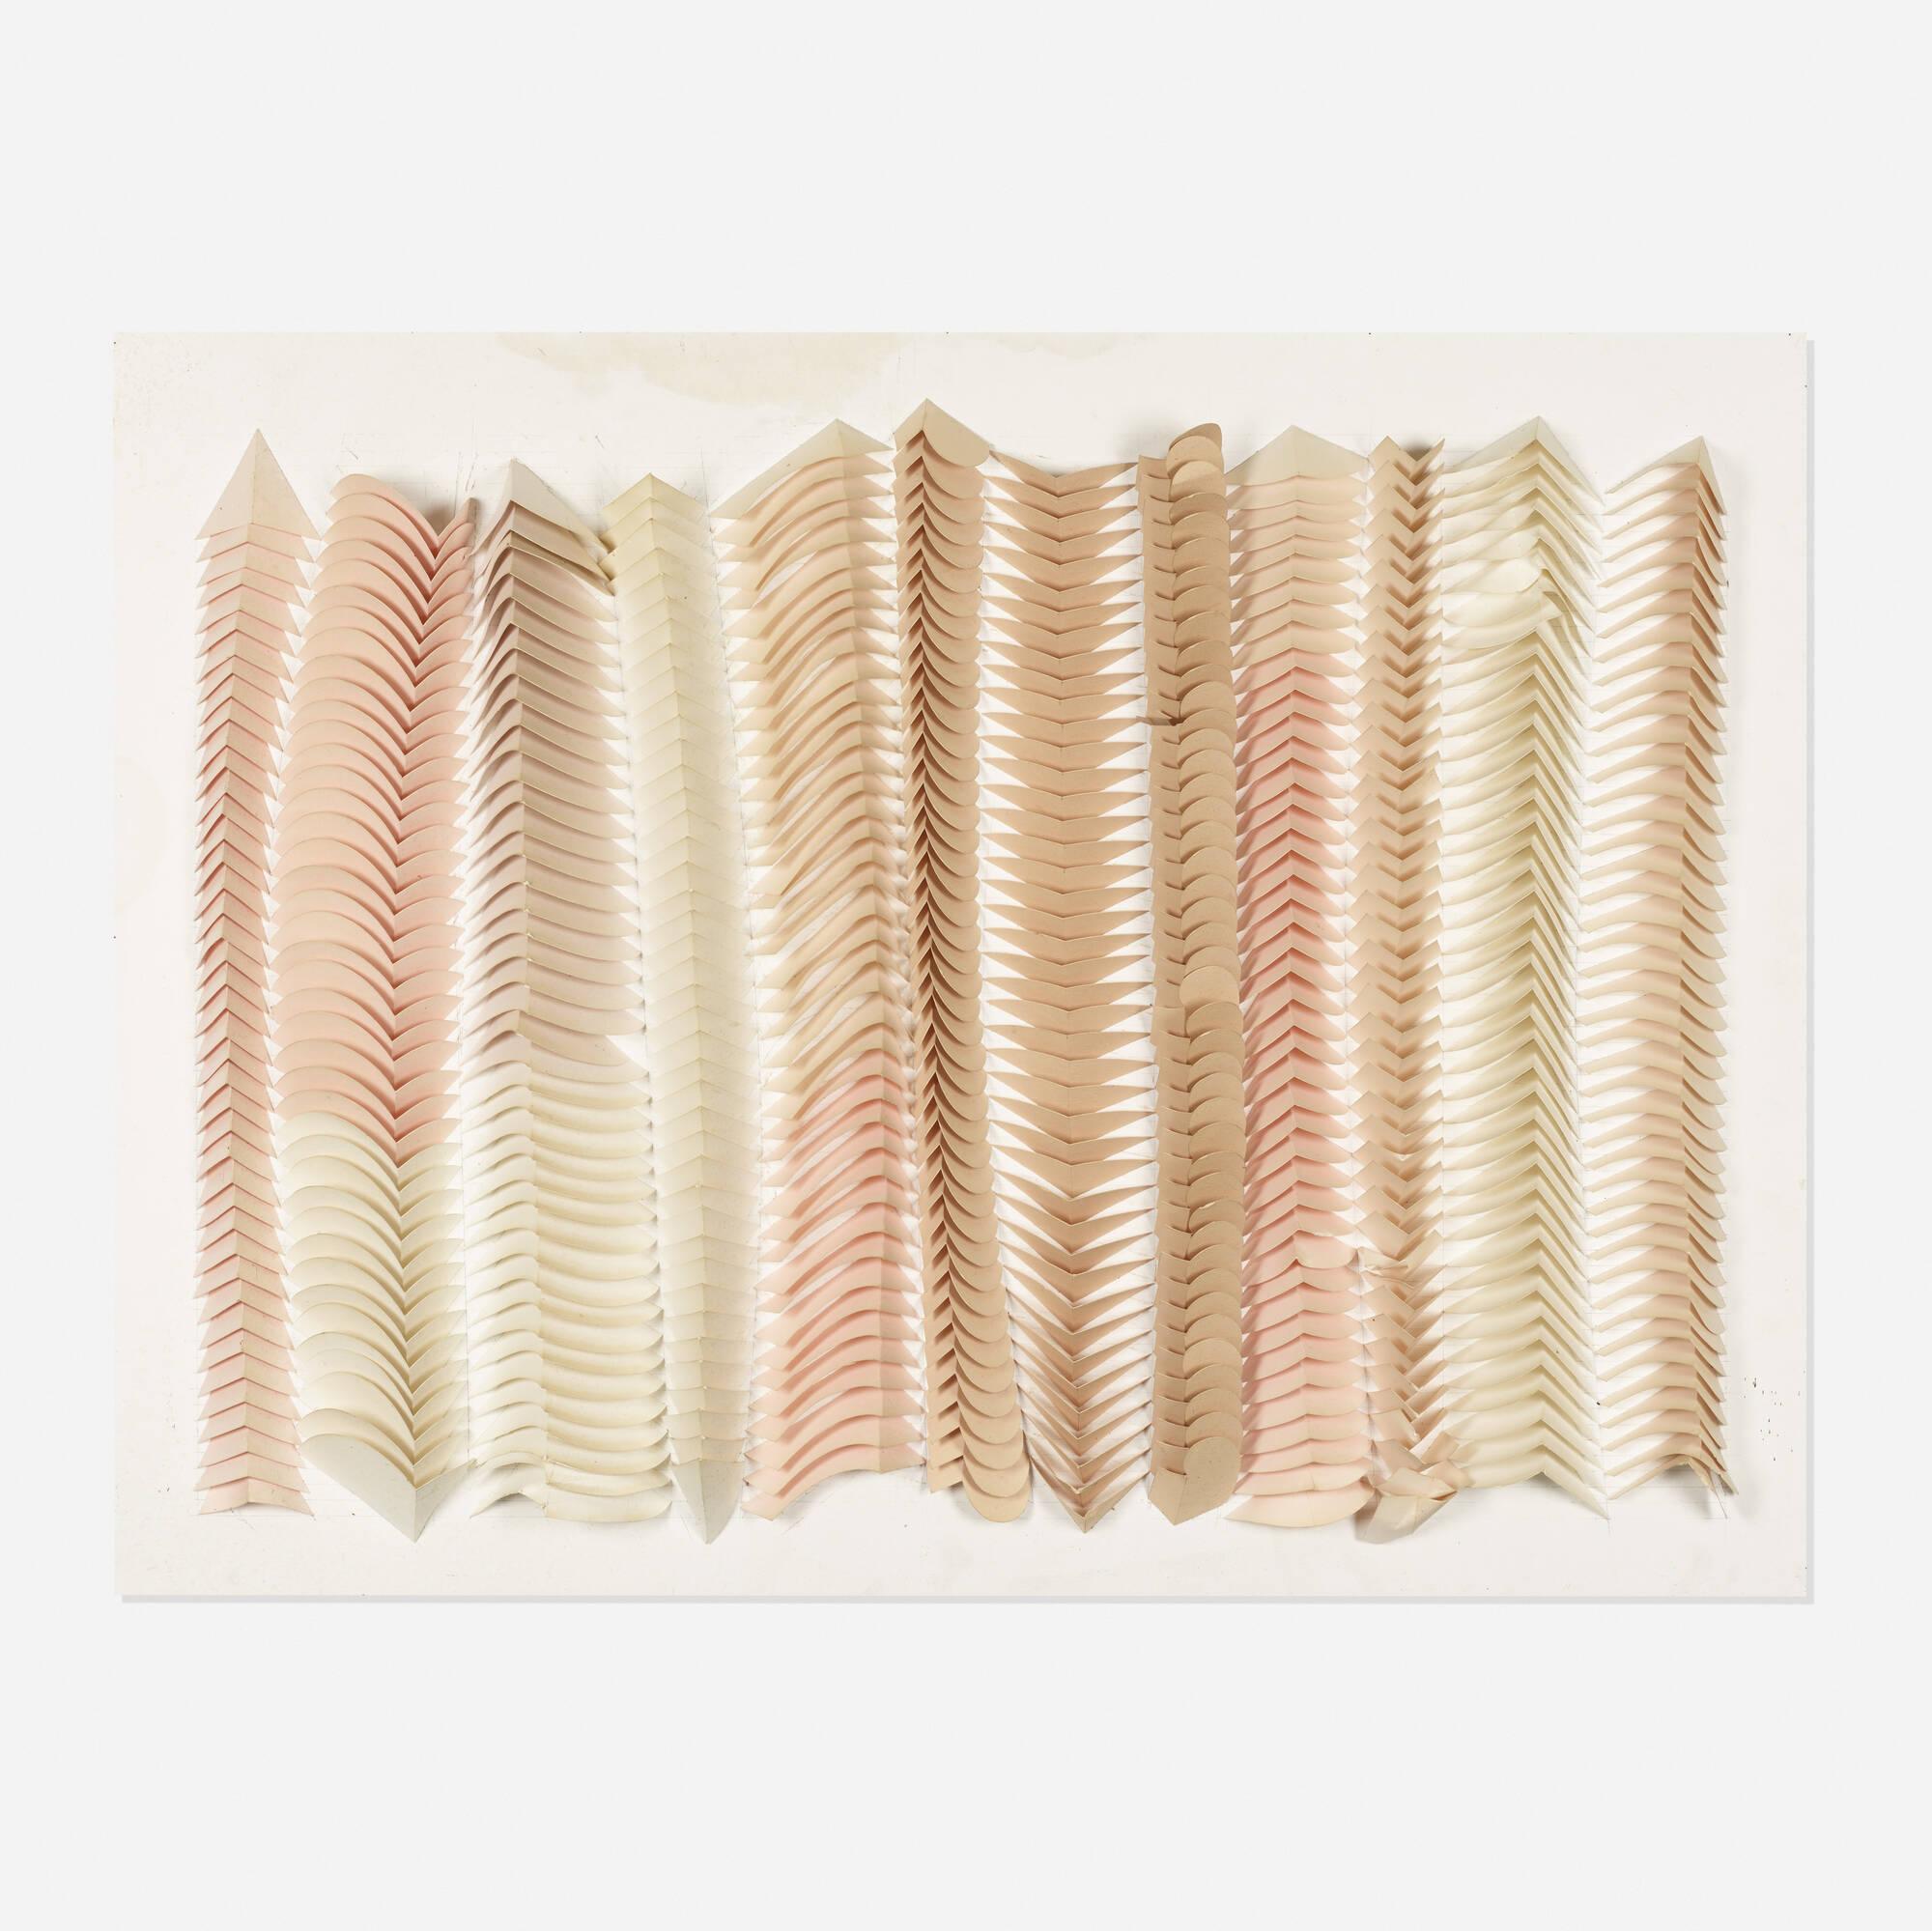 164: Irving Harper / Untitled (1 of 1)